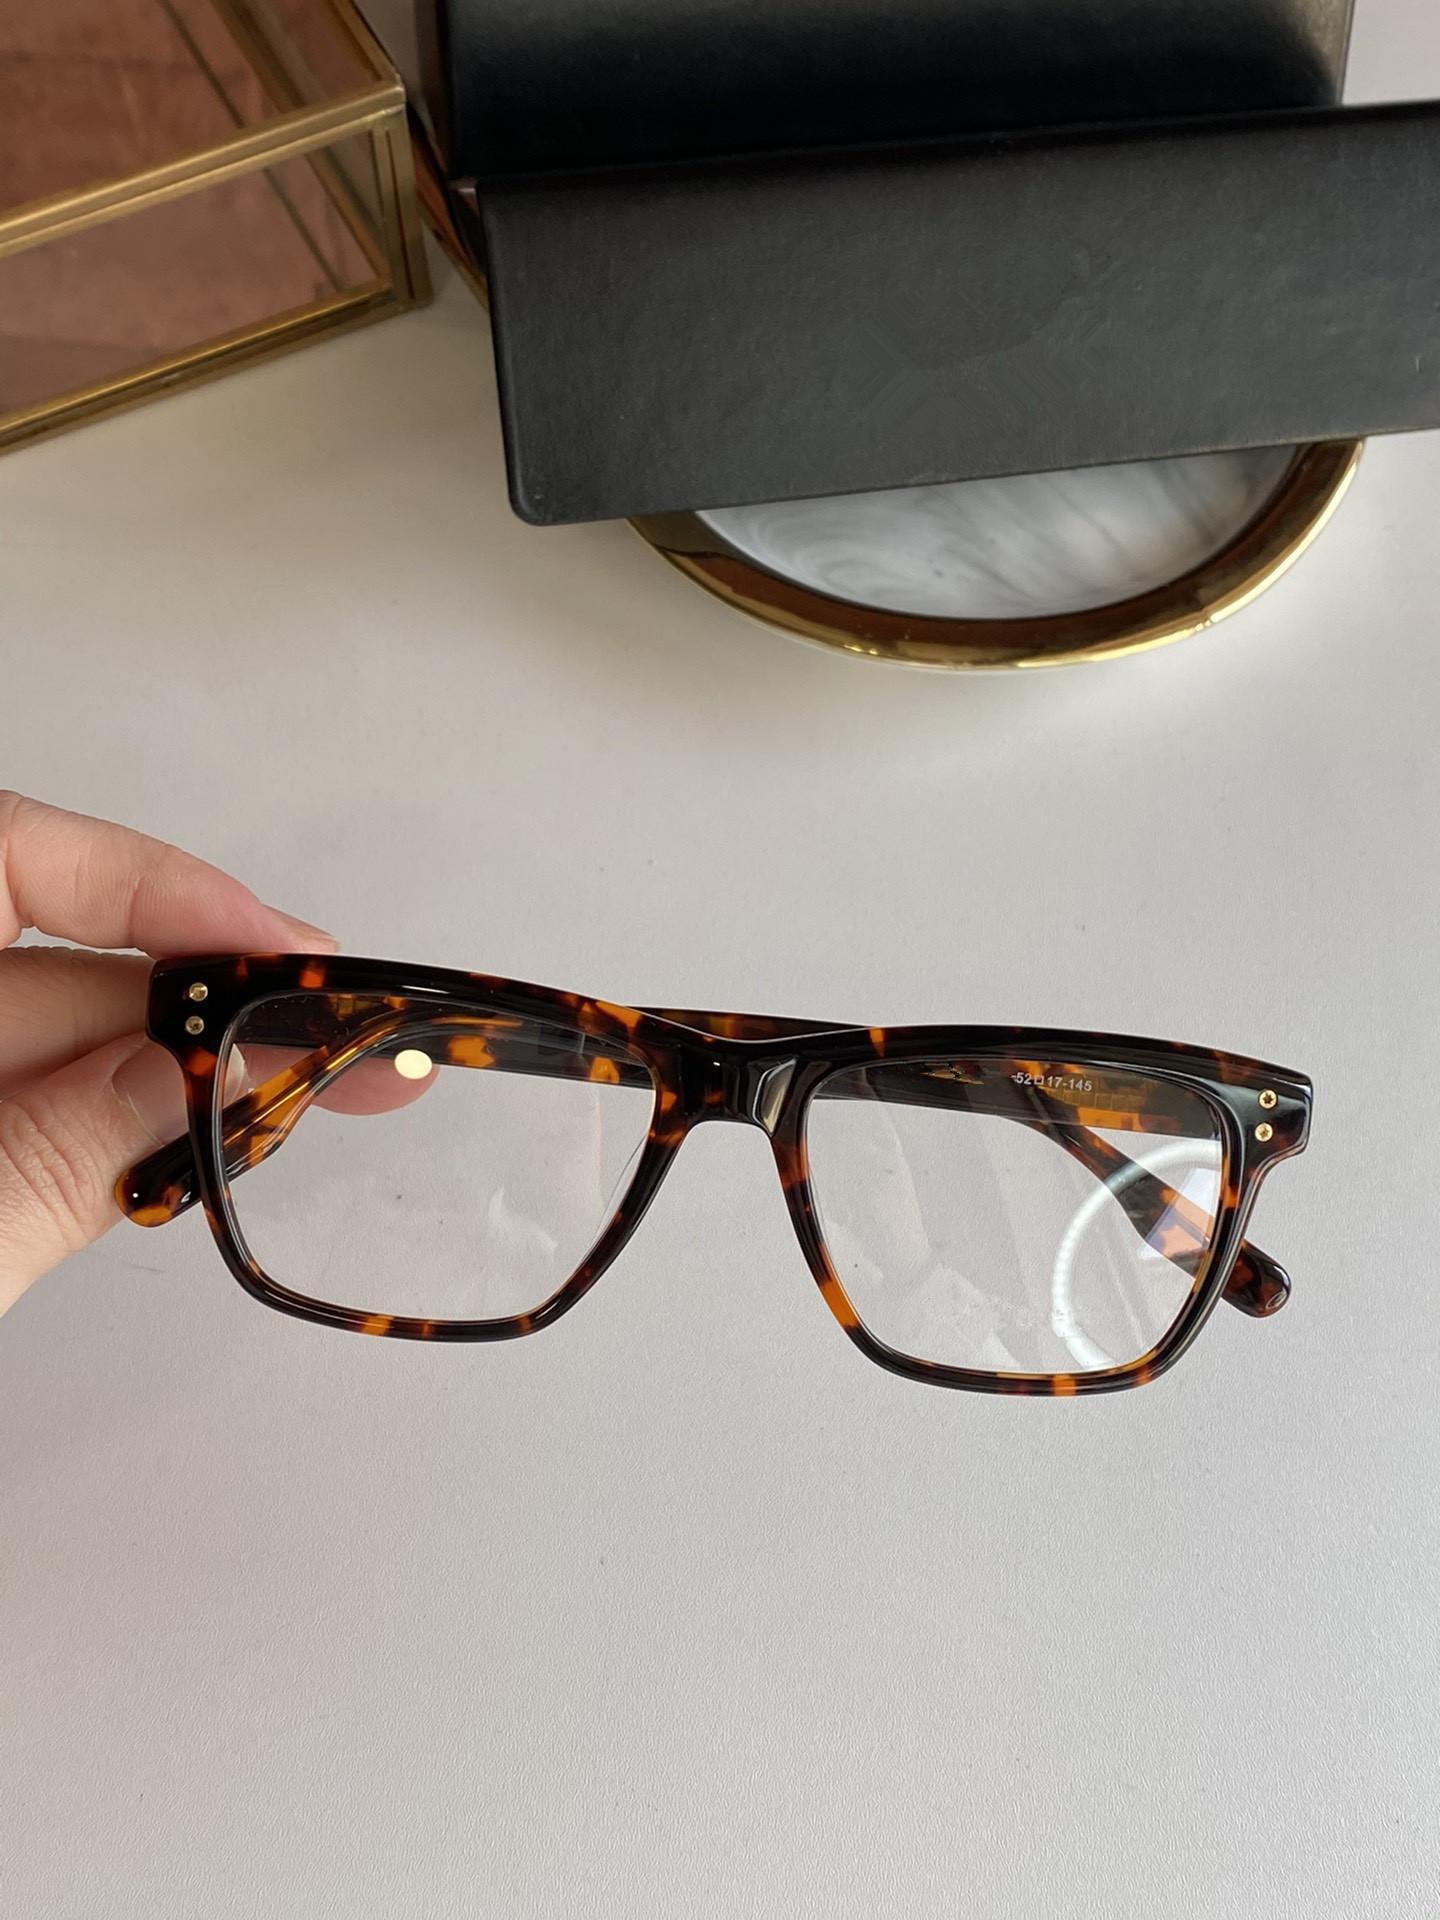 2021 الخريف / الشتاء نظارات جديدة 0125 الكلاسيكية نمط الأزياء مزاجه ذكر / أنثى النظارات الحجم 52-17-145